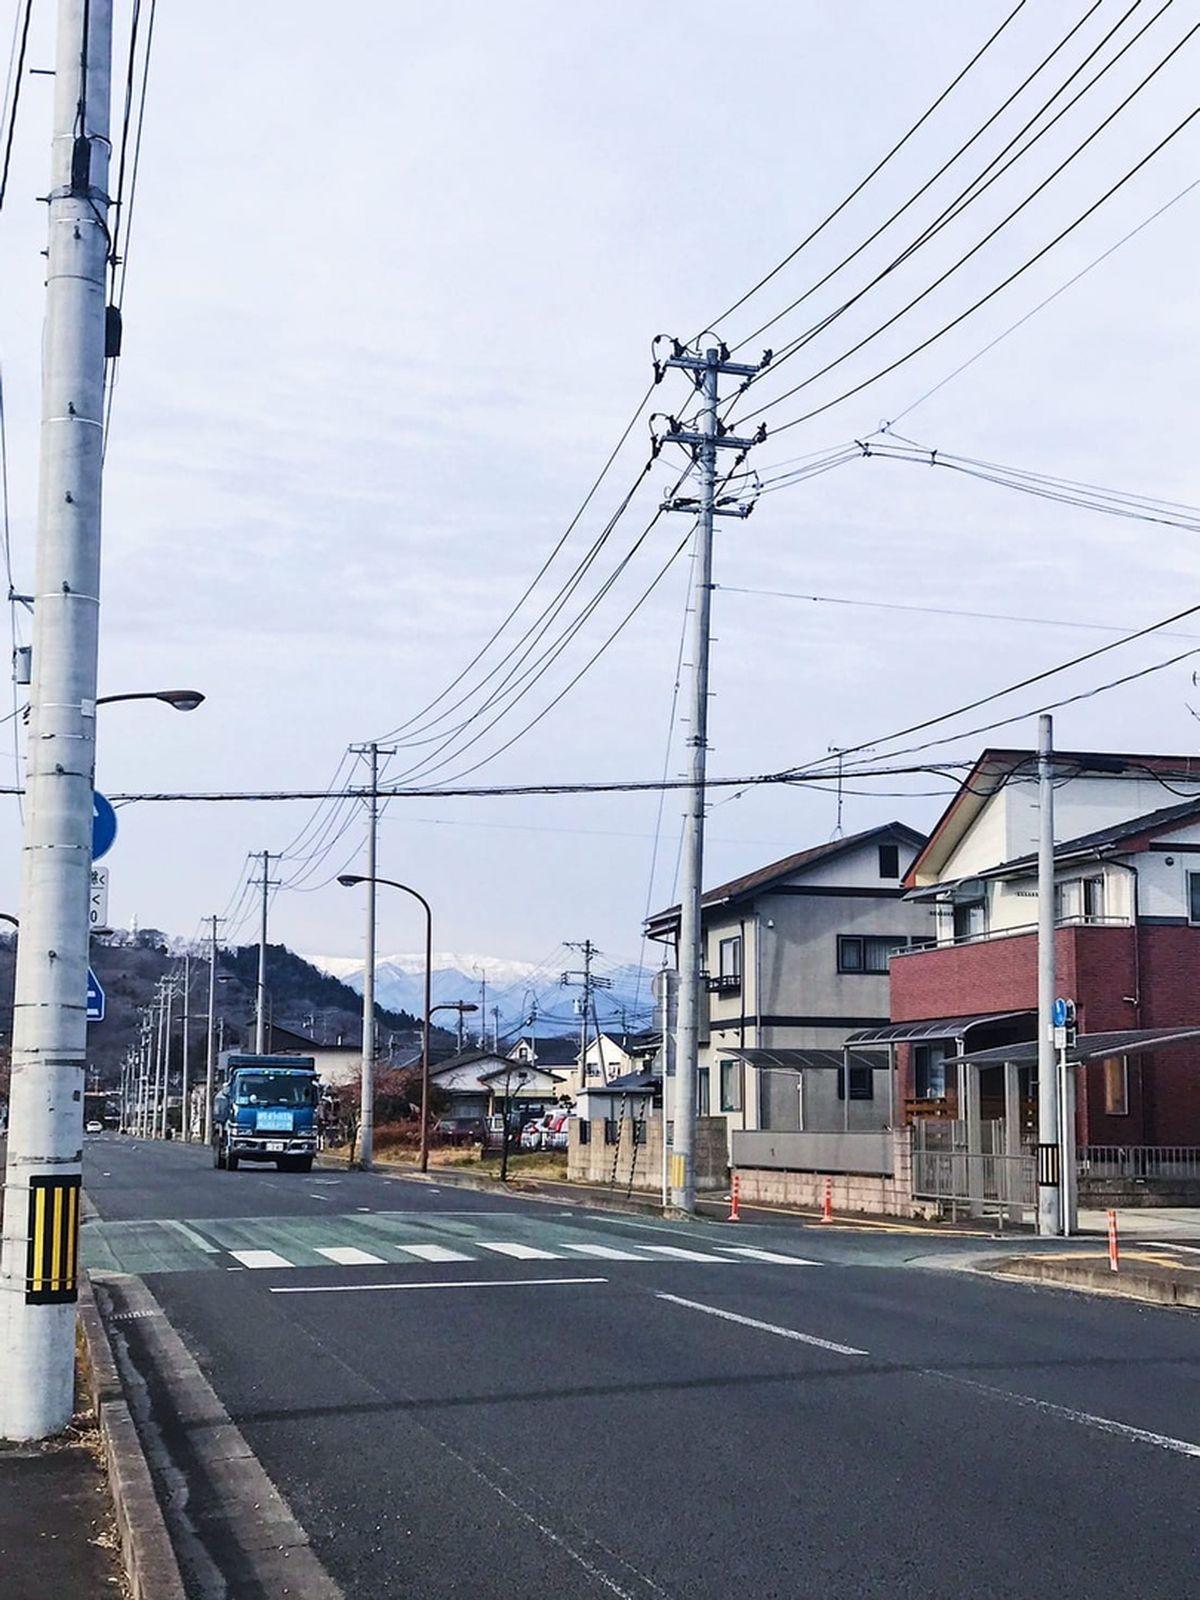 Улица в городе Сибата, Япония. Фото: личный архив Алины СЕВЕЦ